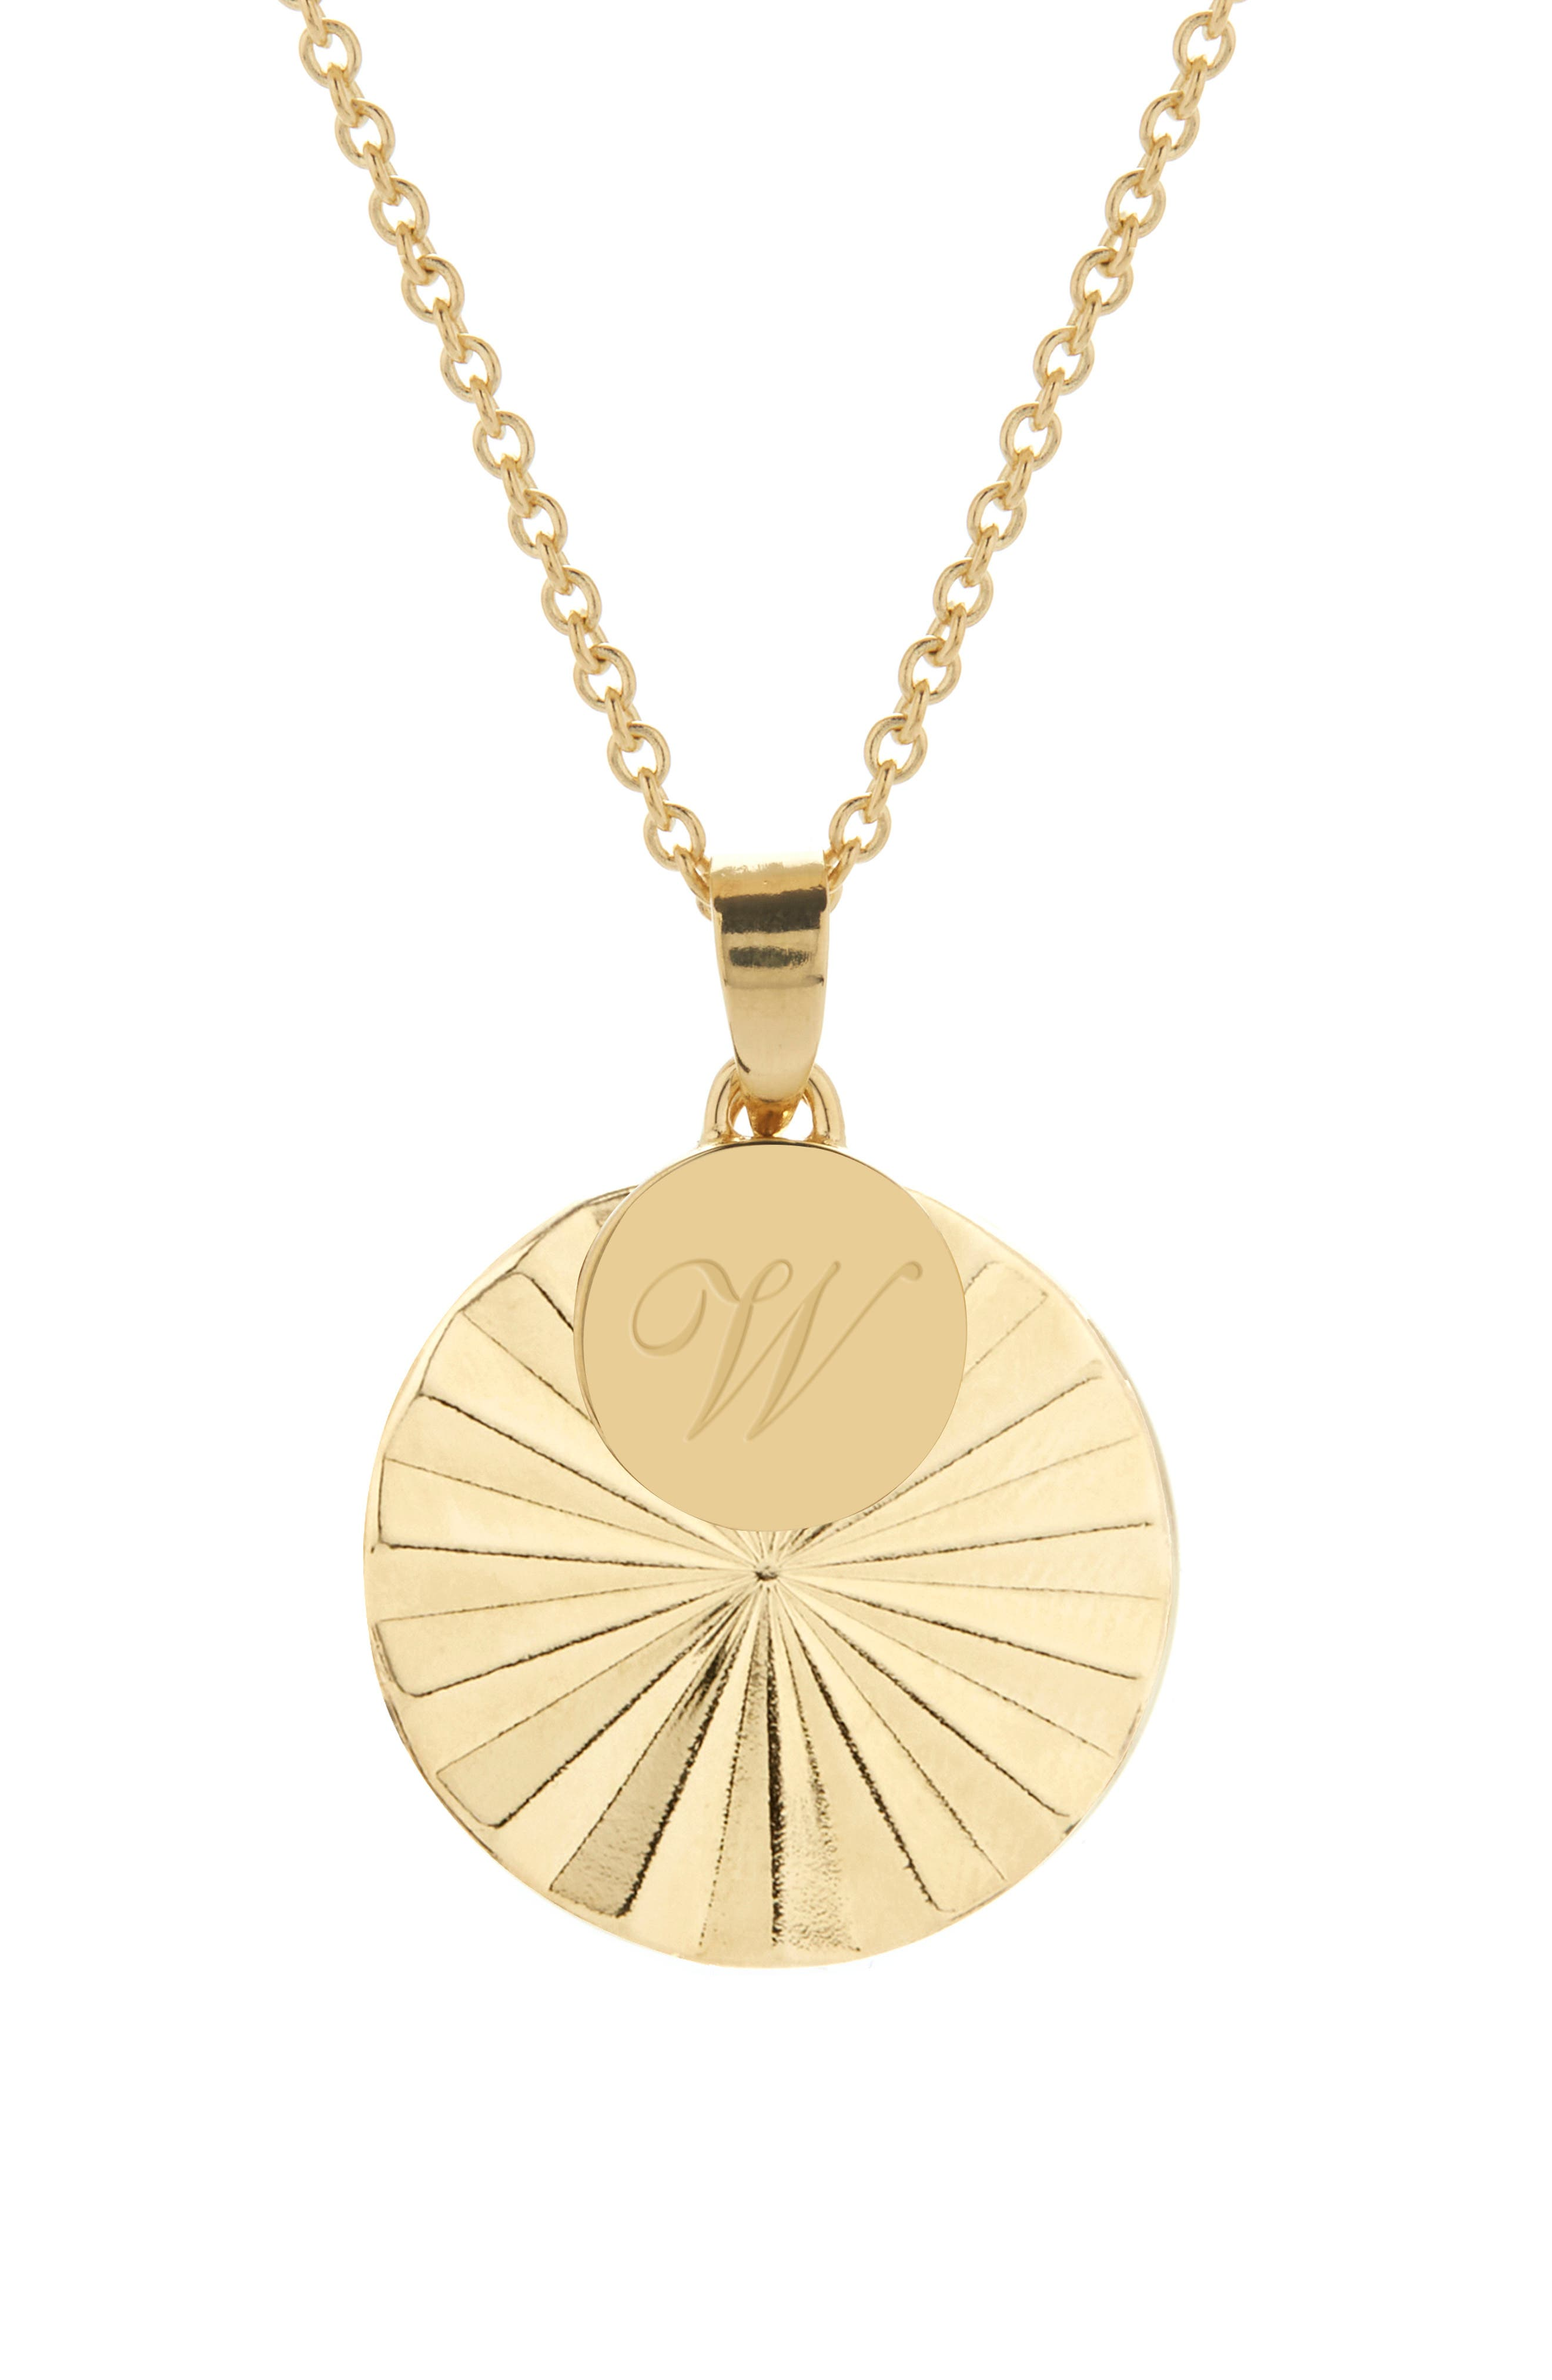 Celeste Initial Charm Pendant Necklace